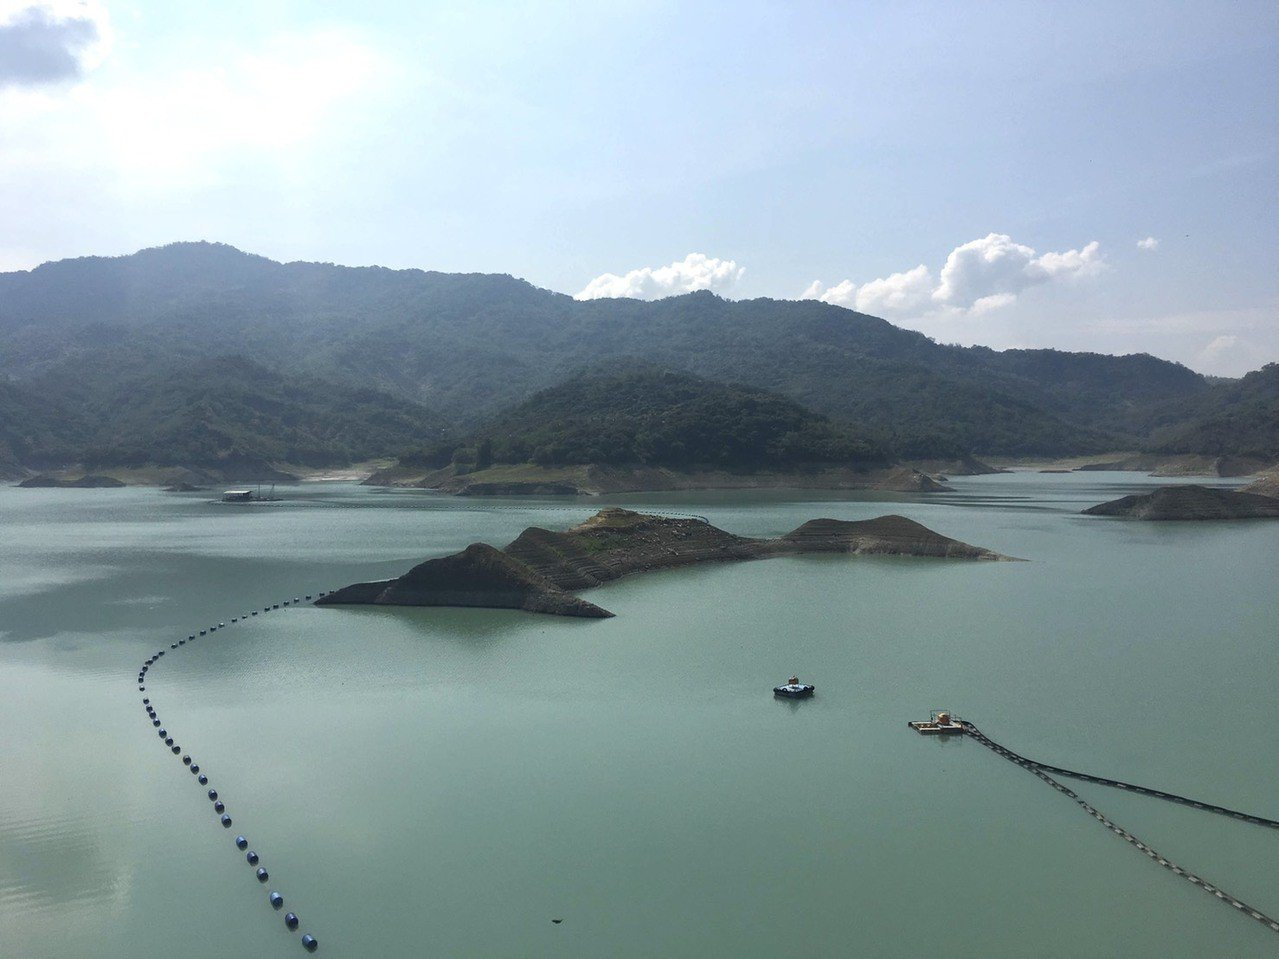 南化水庫目前蓄水量接近8成,讓今年水情比起往年同期相對穩定。記者吳淑玲/攝影